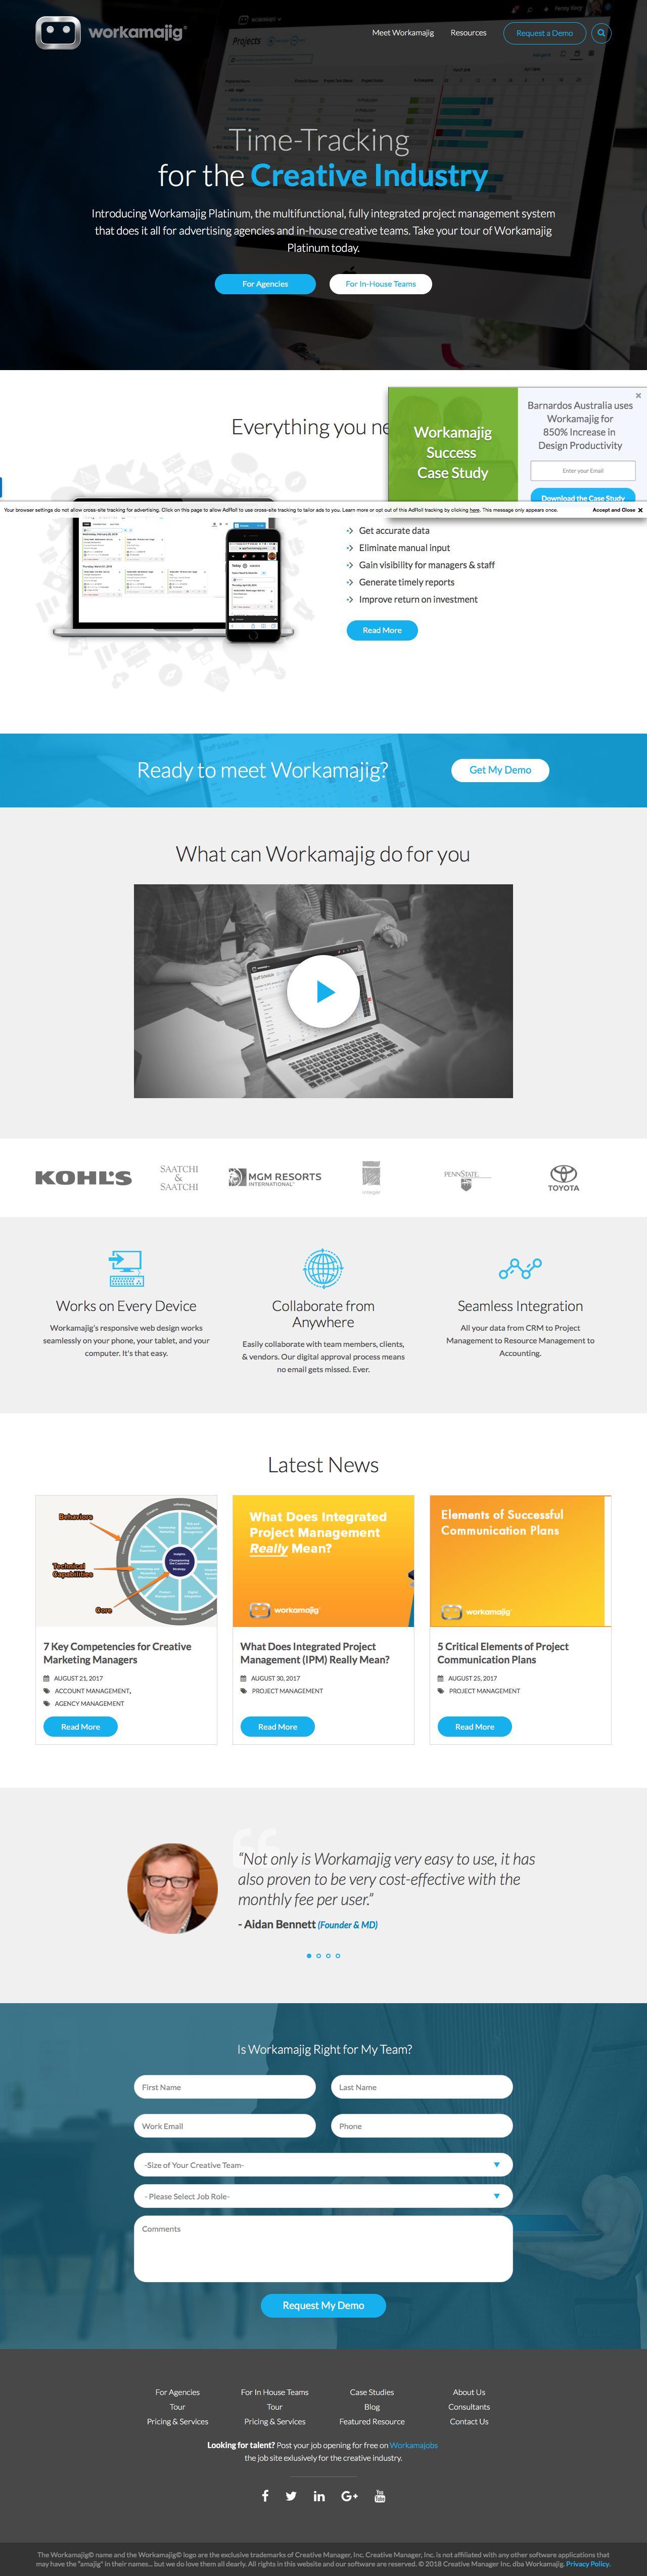 Screenshot of workamajig.com - Workamajig | Project Management Software for Marketing Teams - captured March 1, 2018